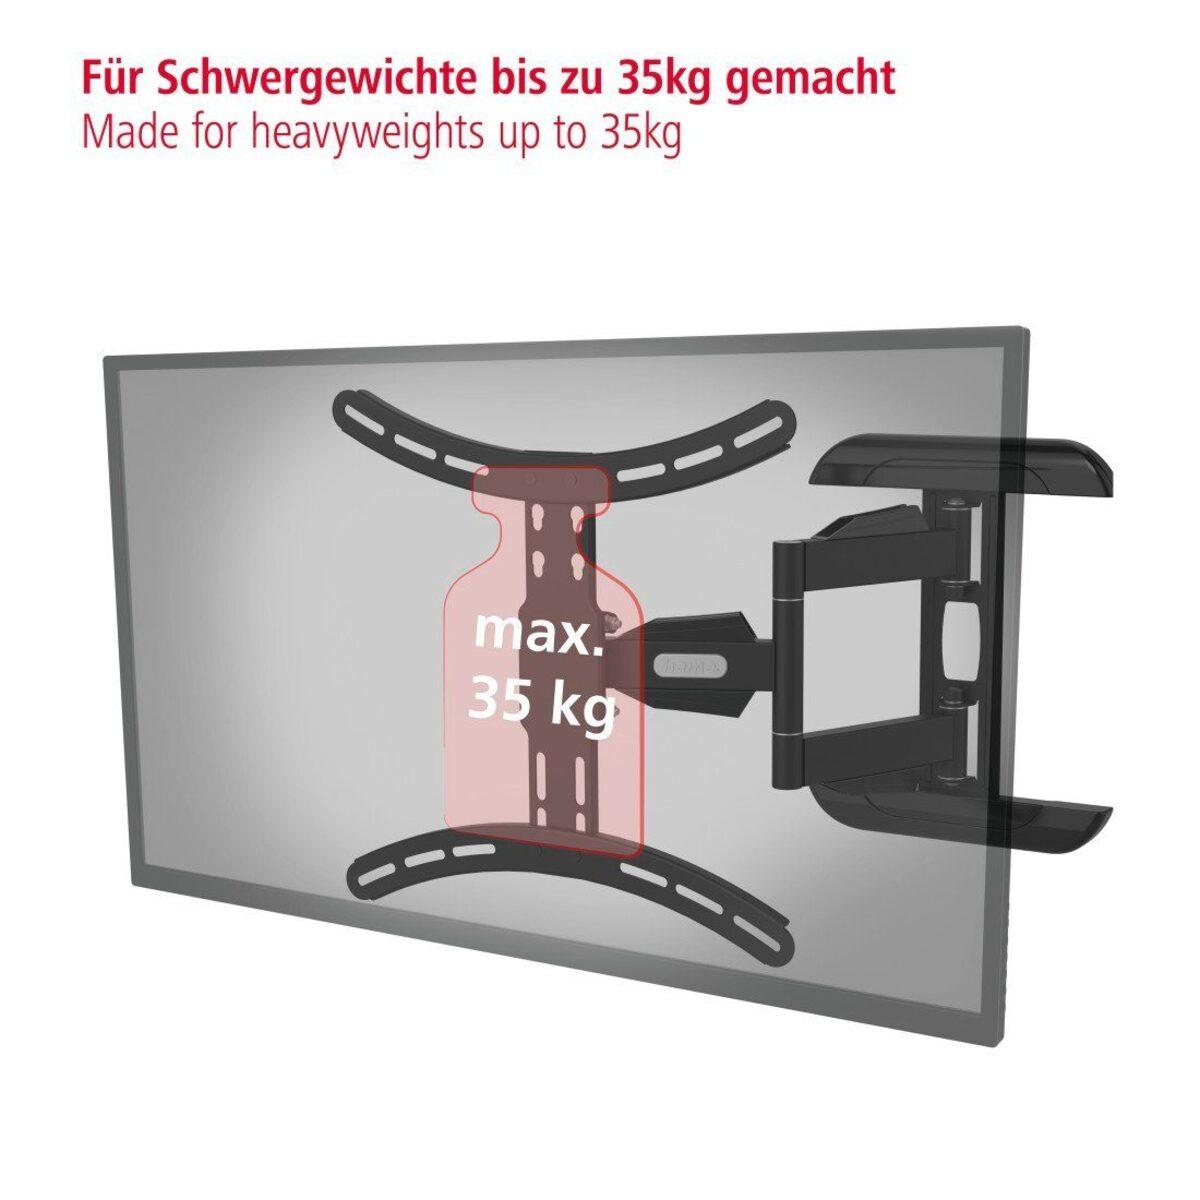 Bild 4 von Hama TV Wandhalter schwenkbar bis 165cm/ 65 Zoll, 140cm/ 55 Zoll »FULLMOTION, vollbeweglich«